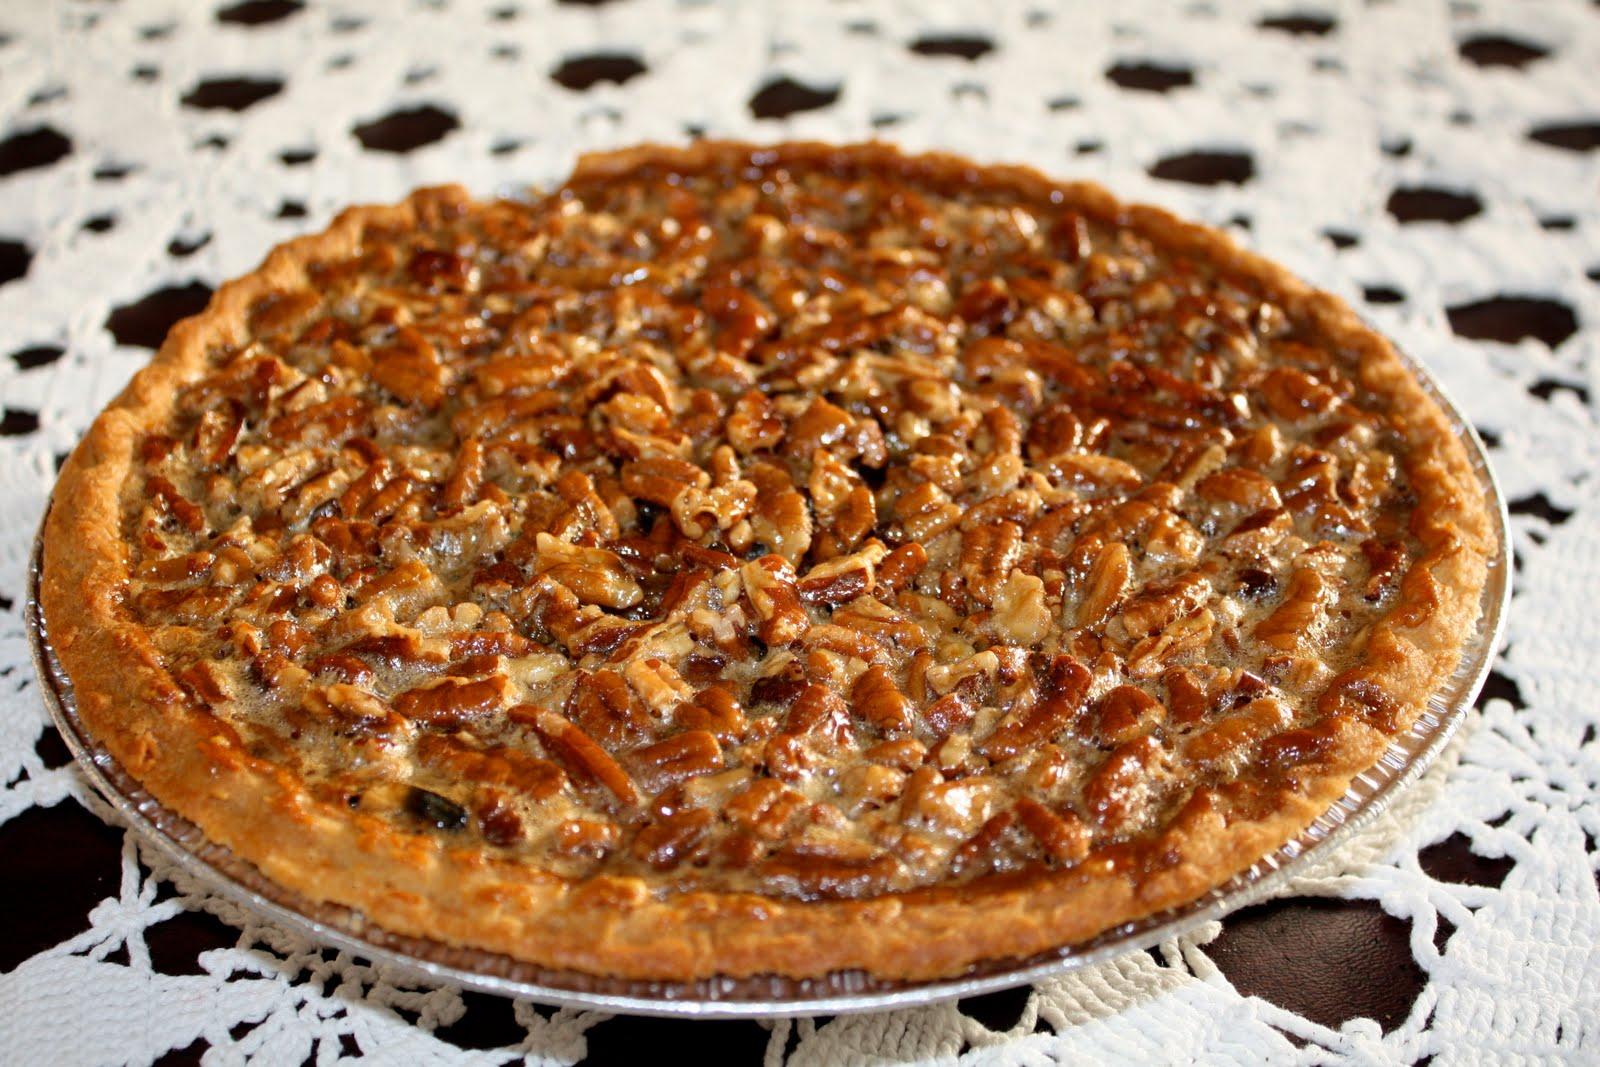 Best+Pecan+Pie+Recipe Gourmet Best Pecan Pie Recipe